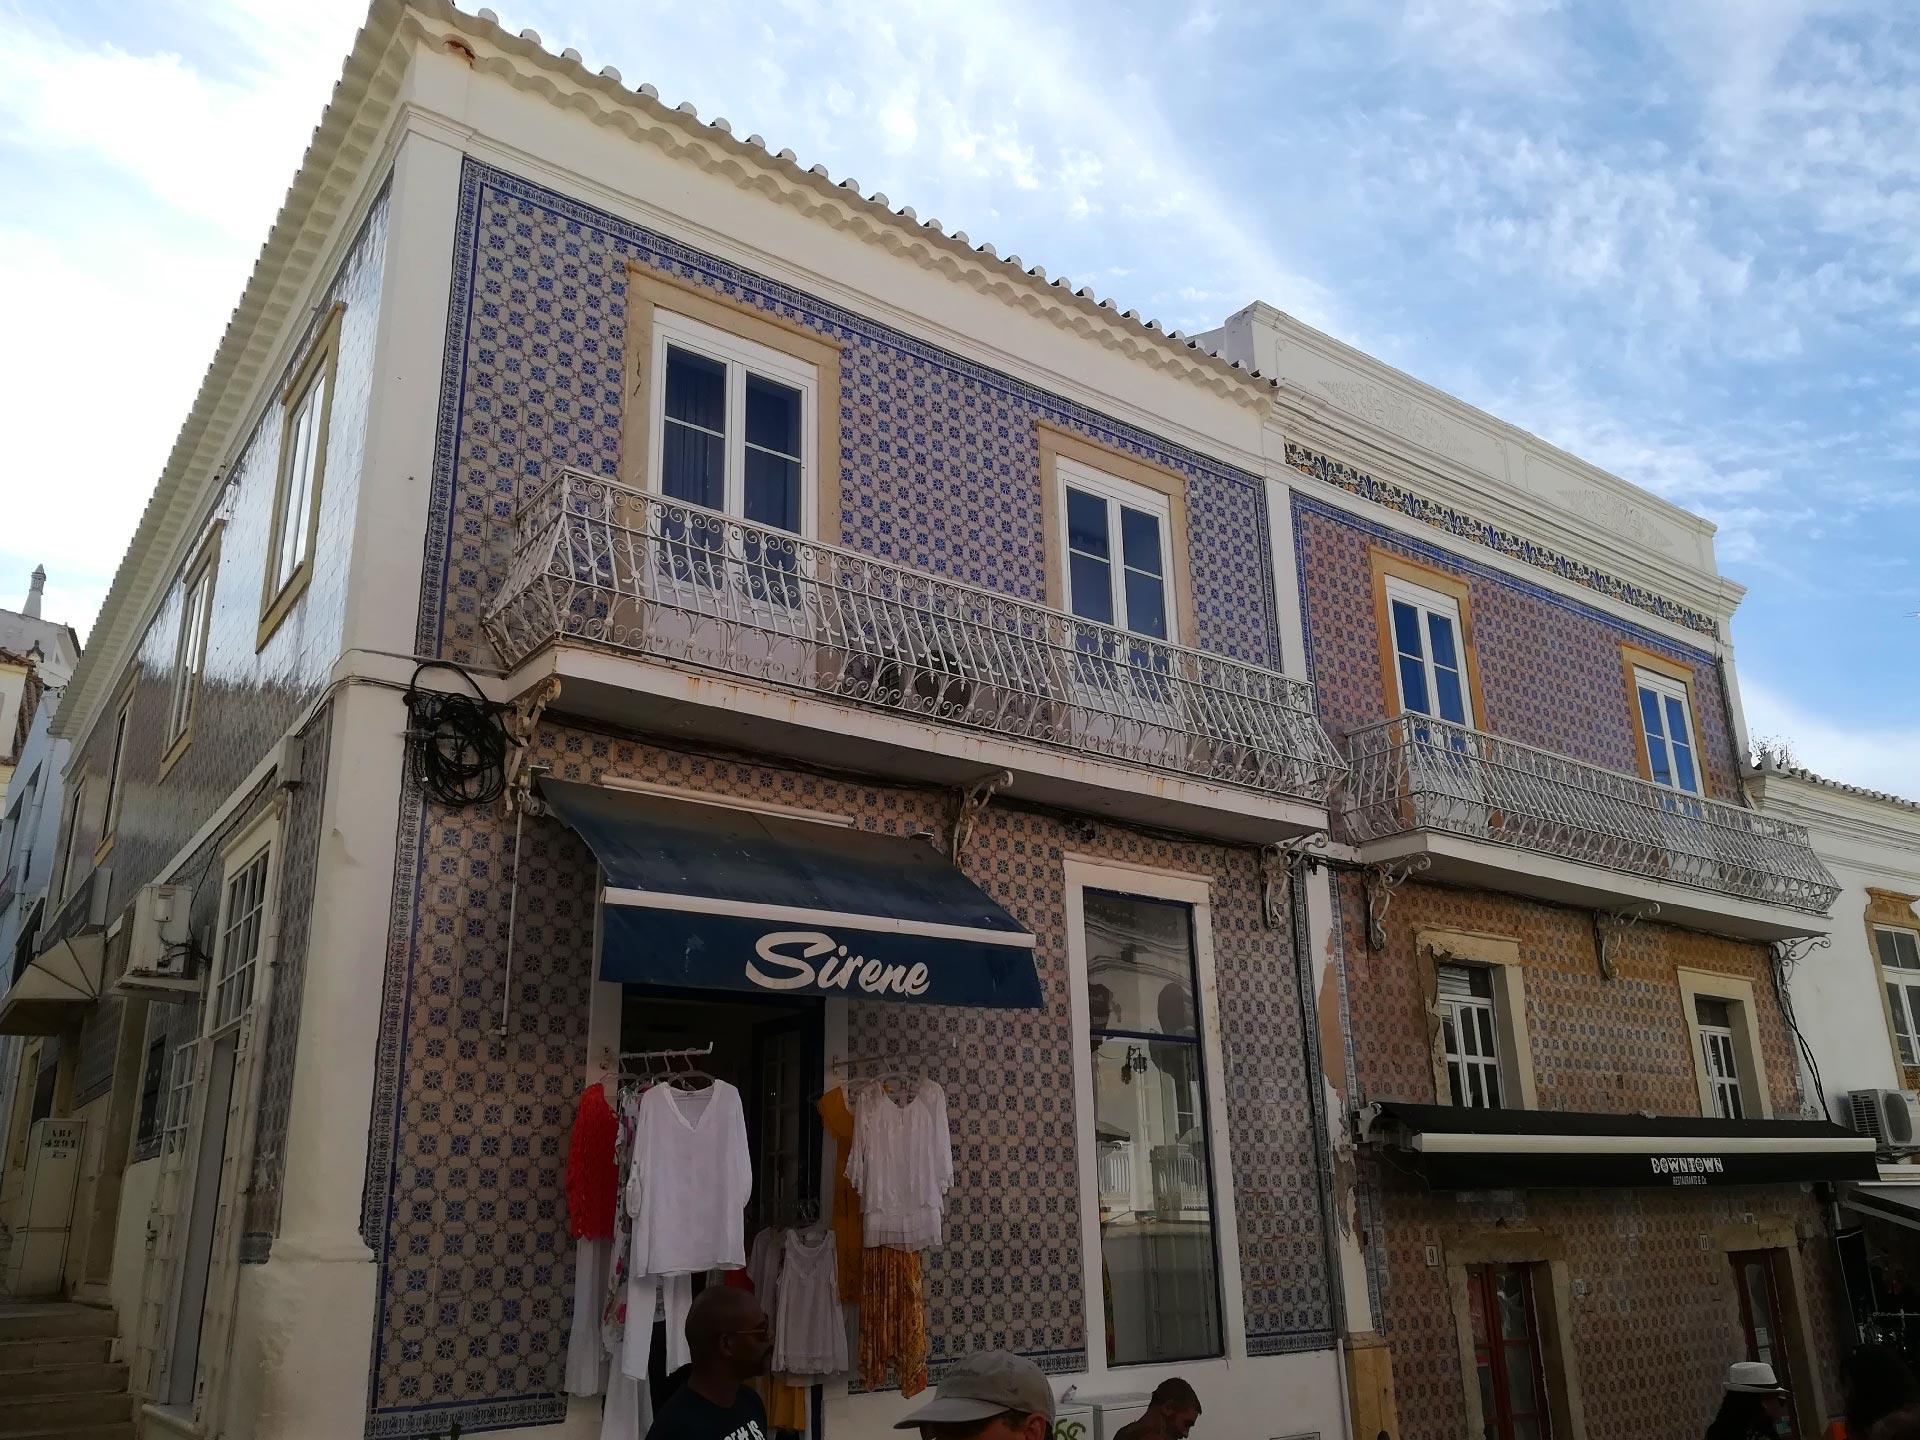 Veduta di un tipico edificio in stile portoghese ad Albufeira